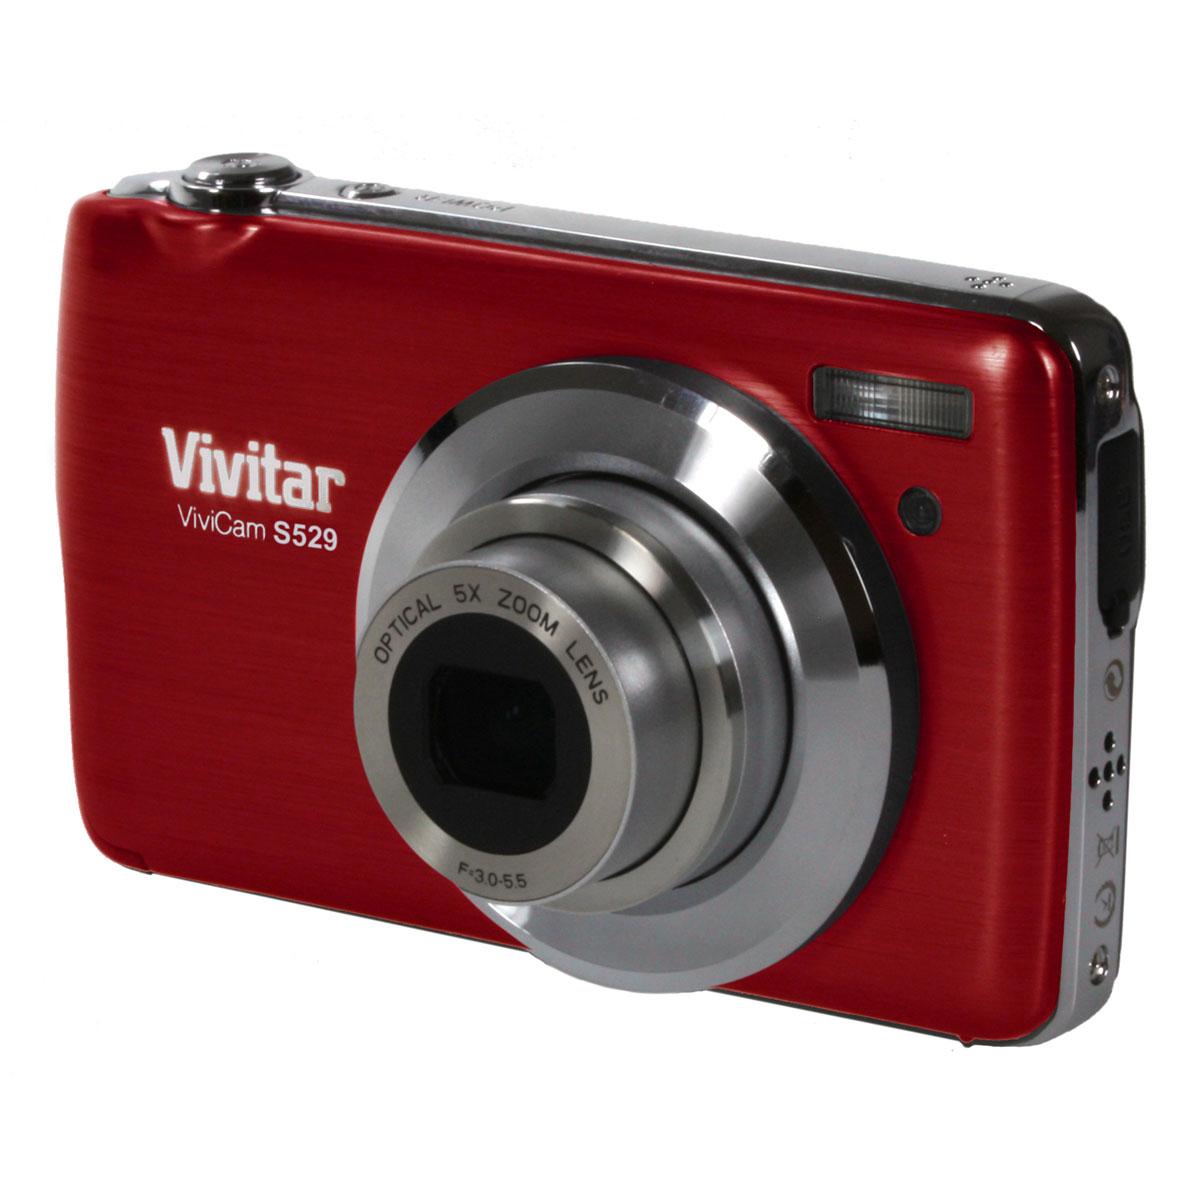 vivitar vivicam s529 rouge appareil photo num rique vivitar sur. Black Bedroom Furniture Sets. Home Design Ideas